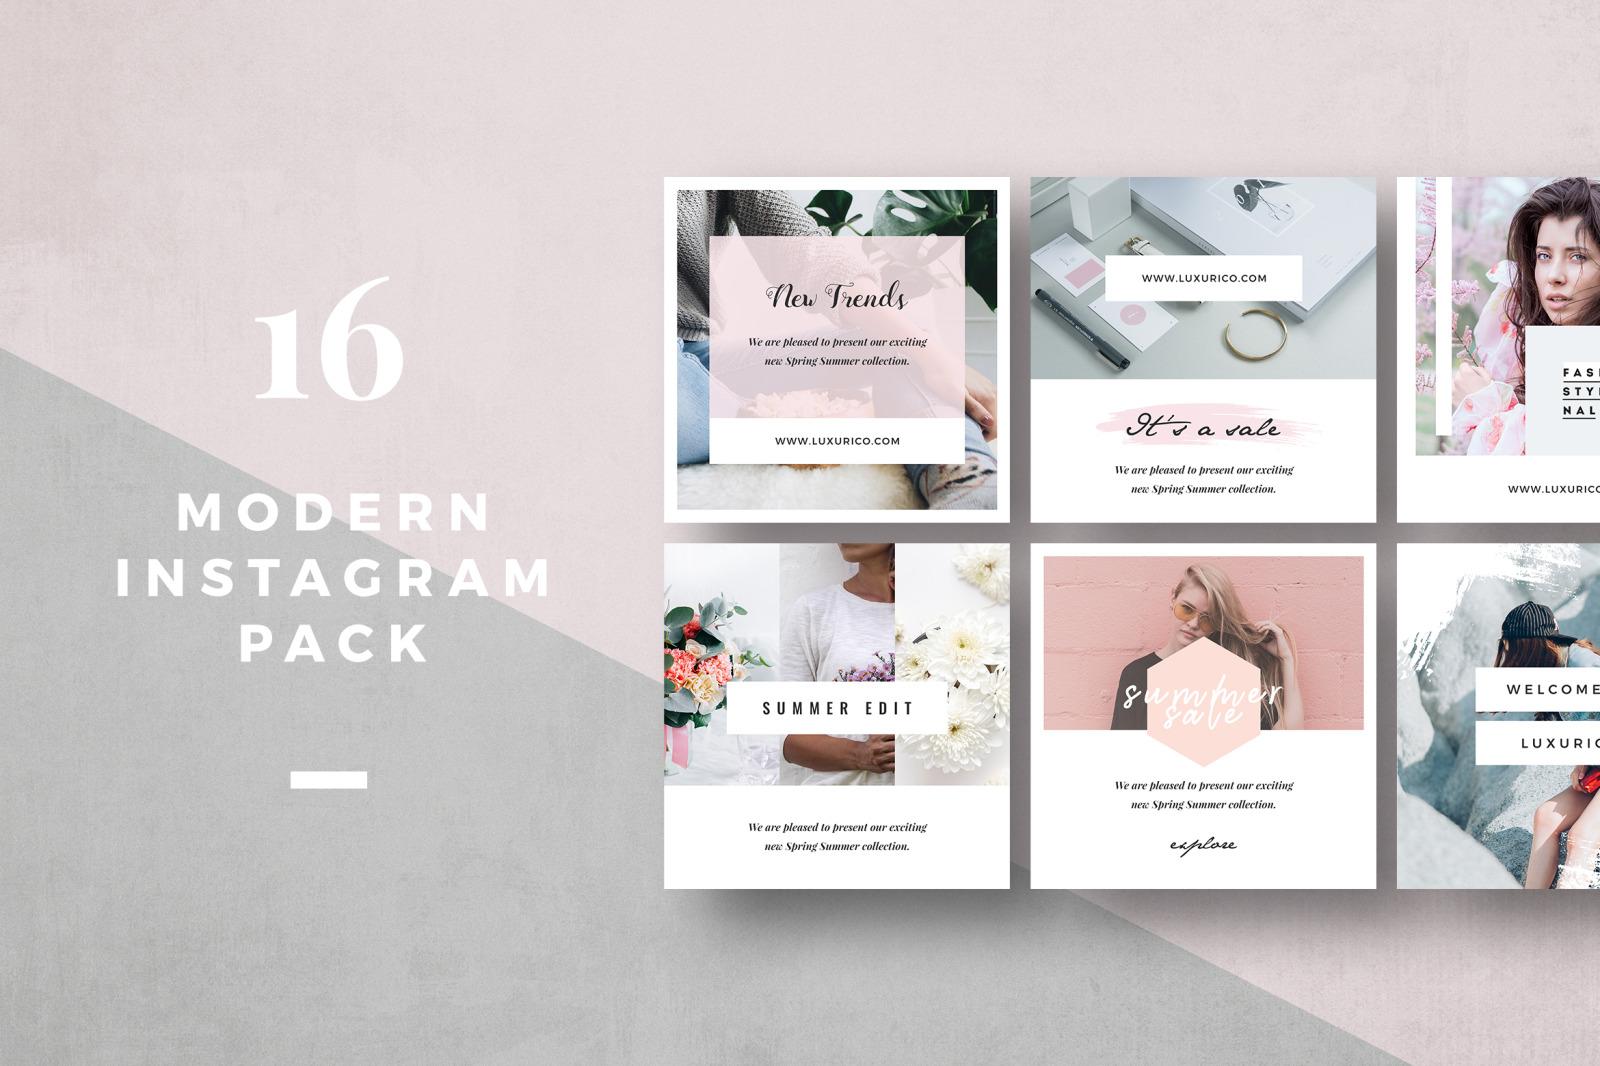 Modern Instagram Pack